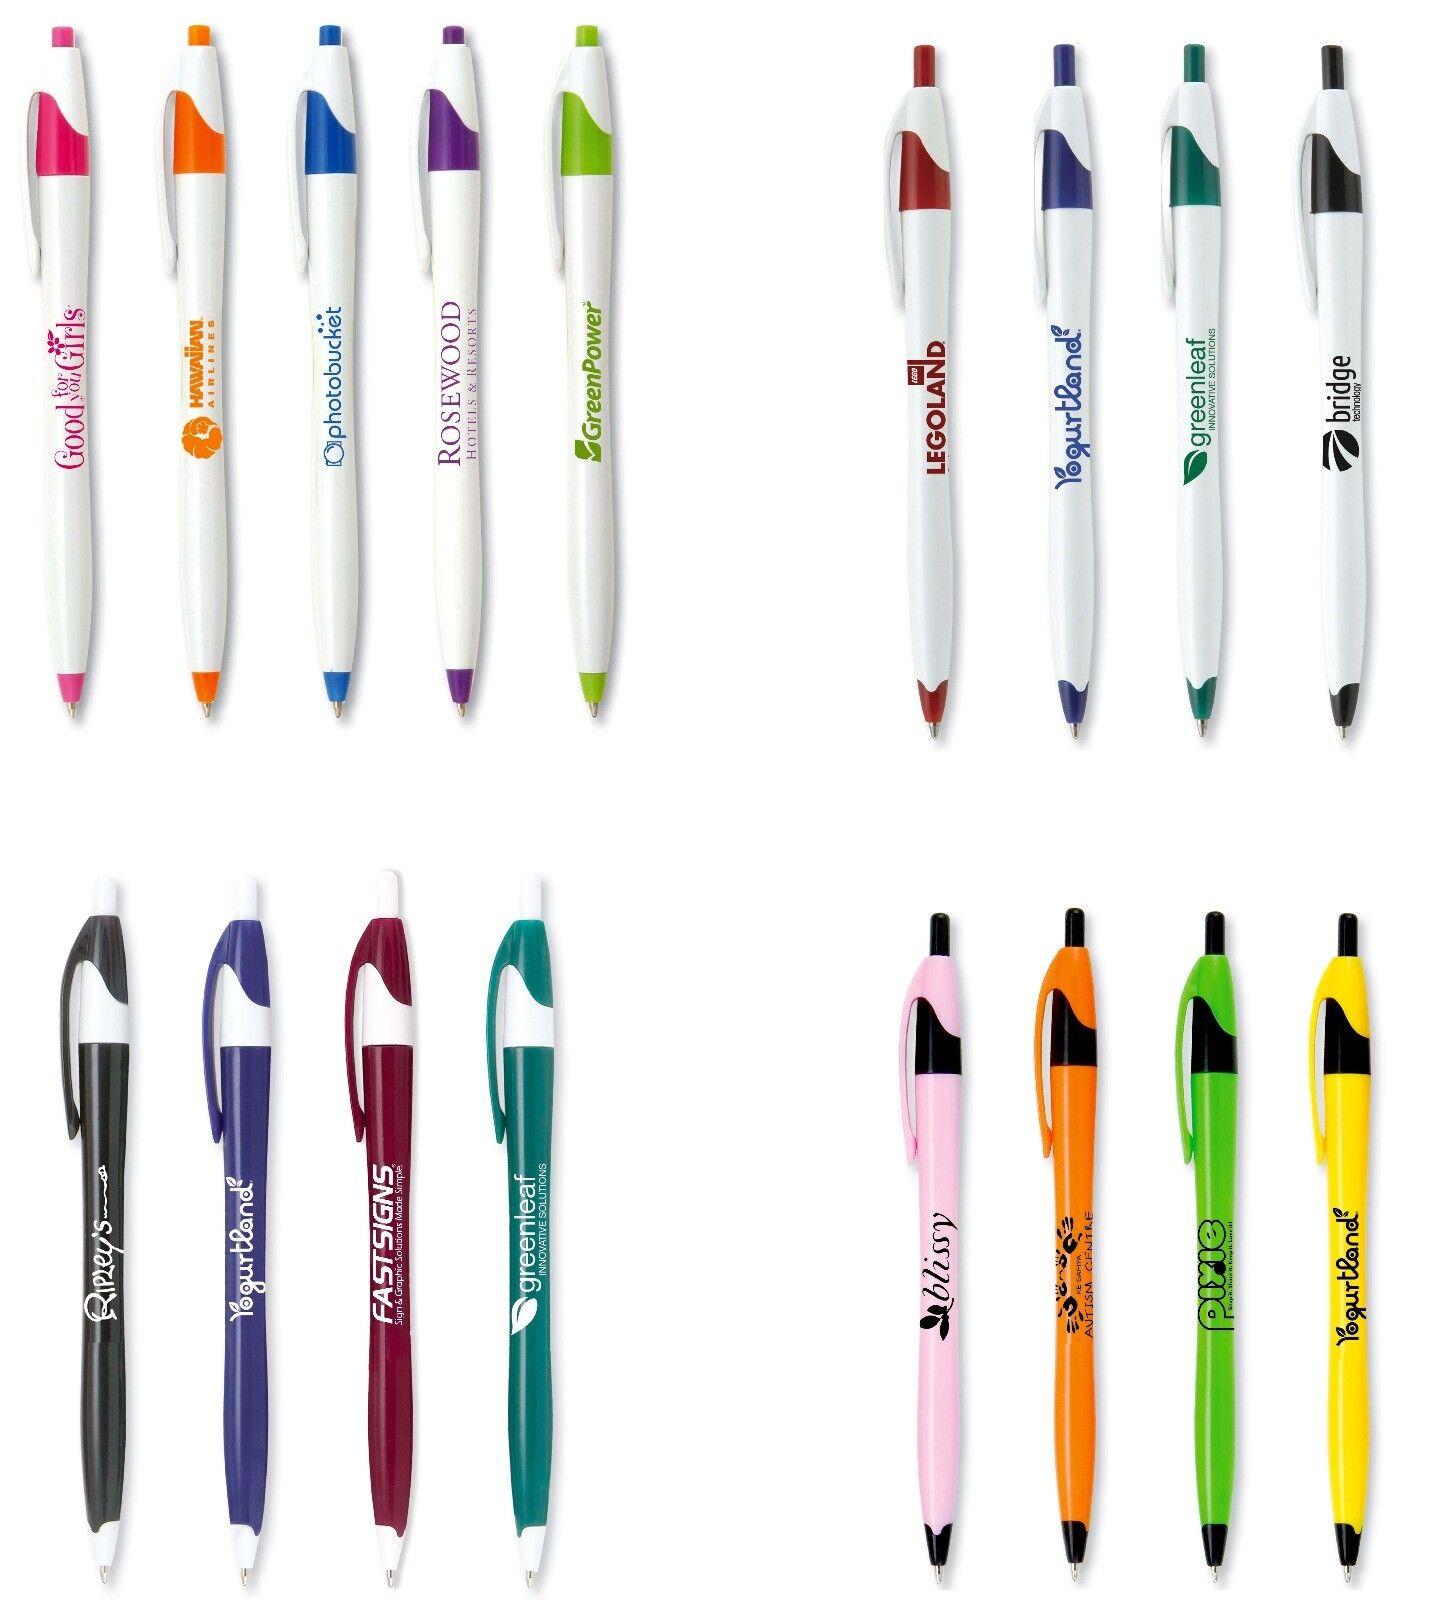 Купить 250 - Promotional Pens - Personalized Custom Imprinted.